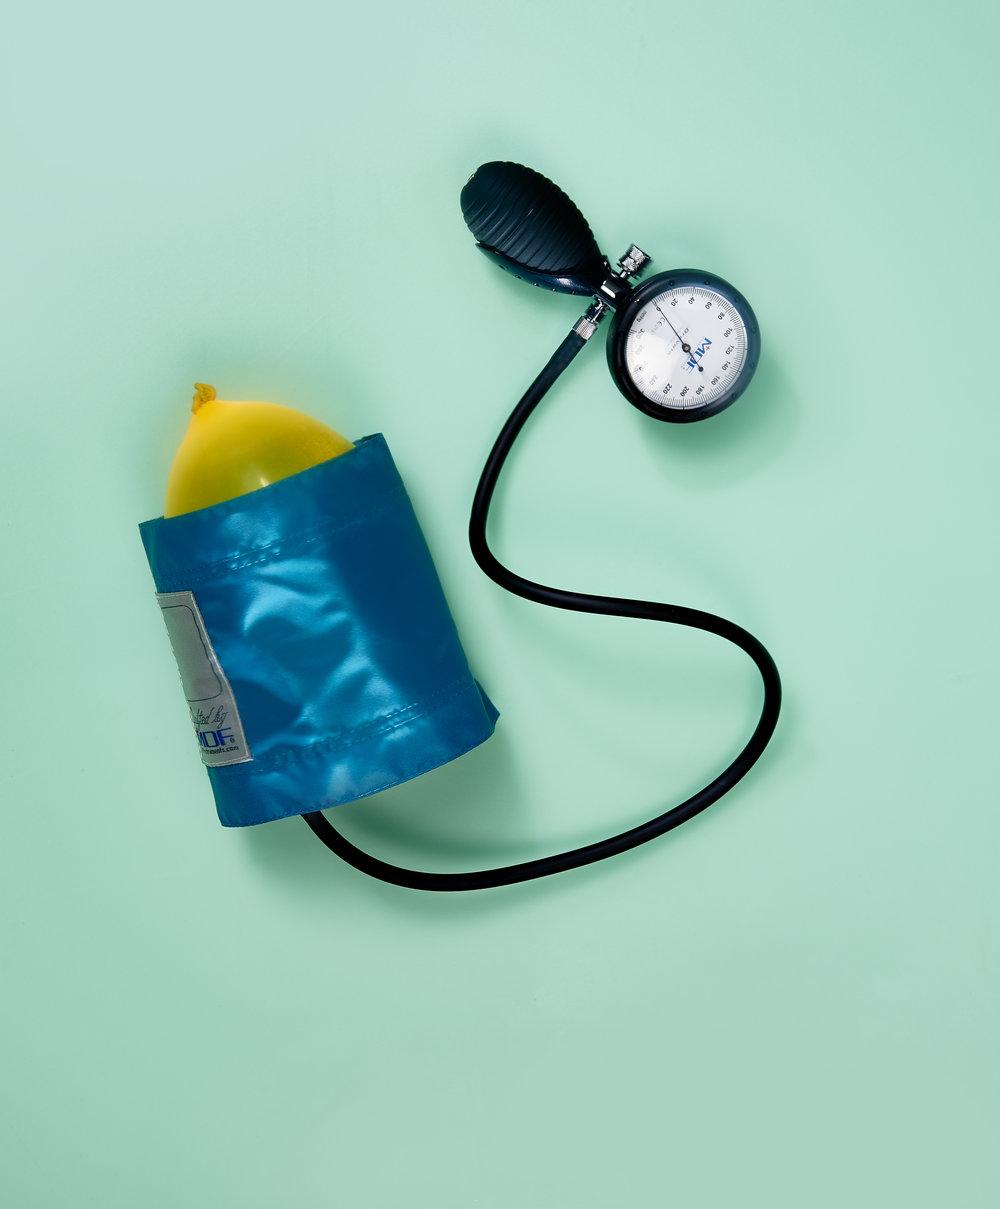 Blood Pressure Cuf.jpg